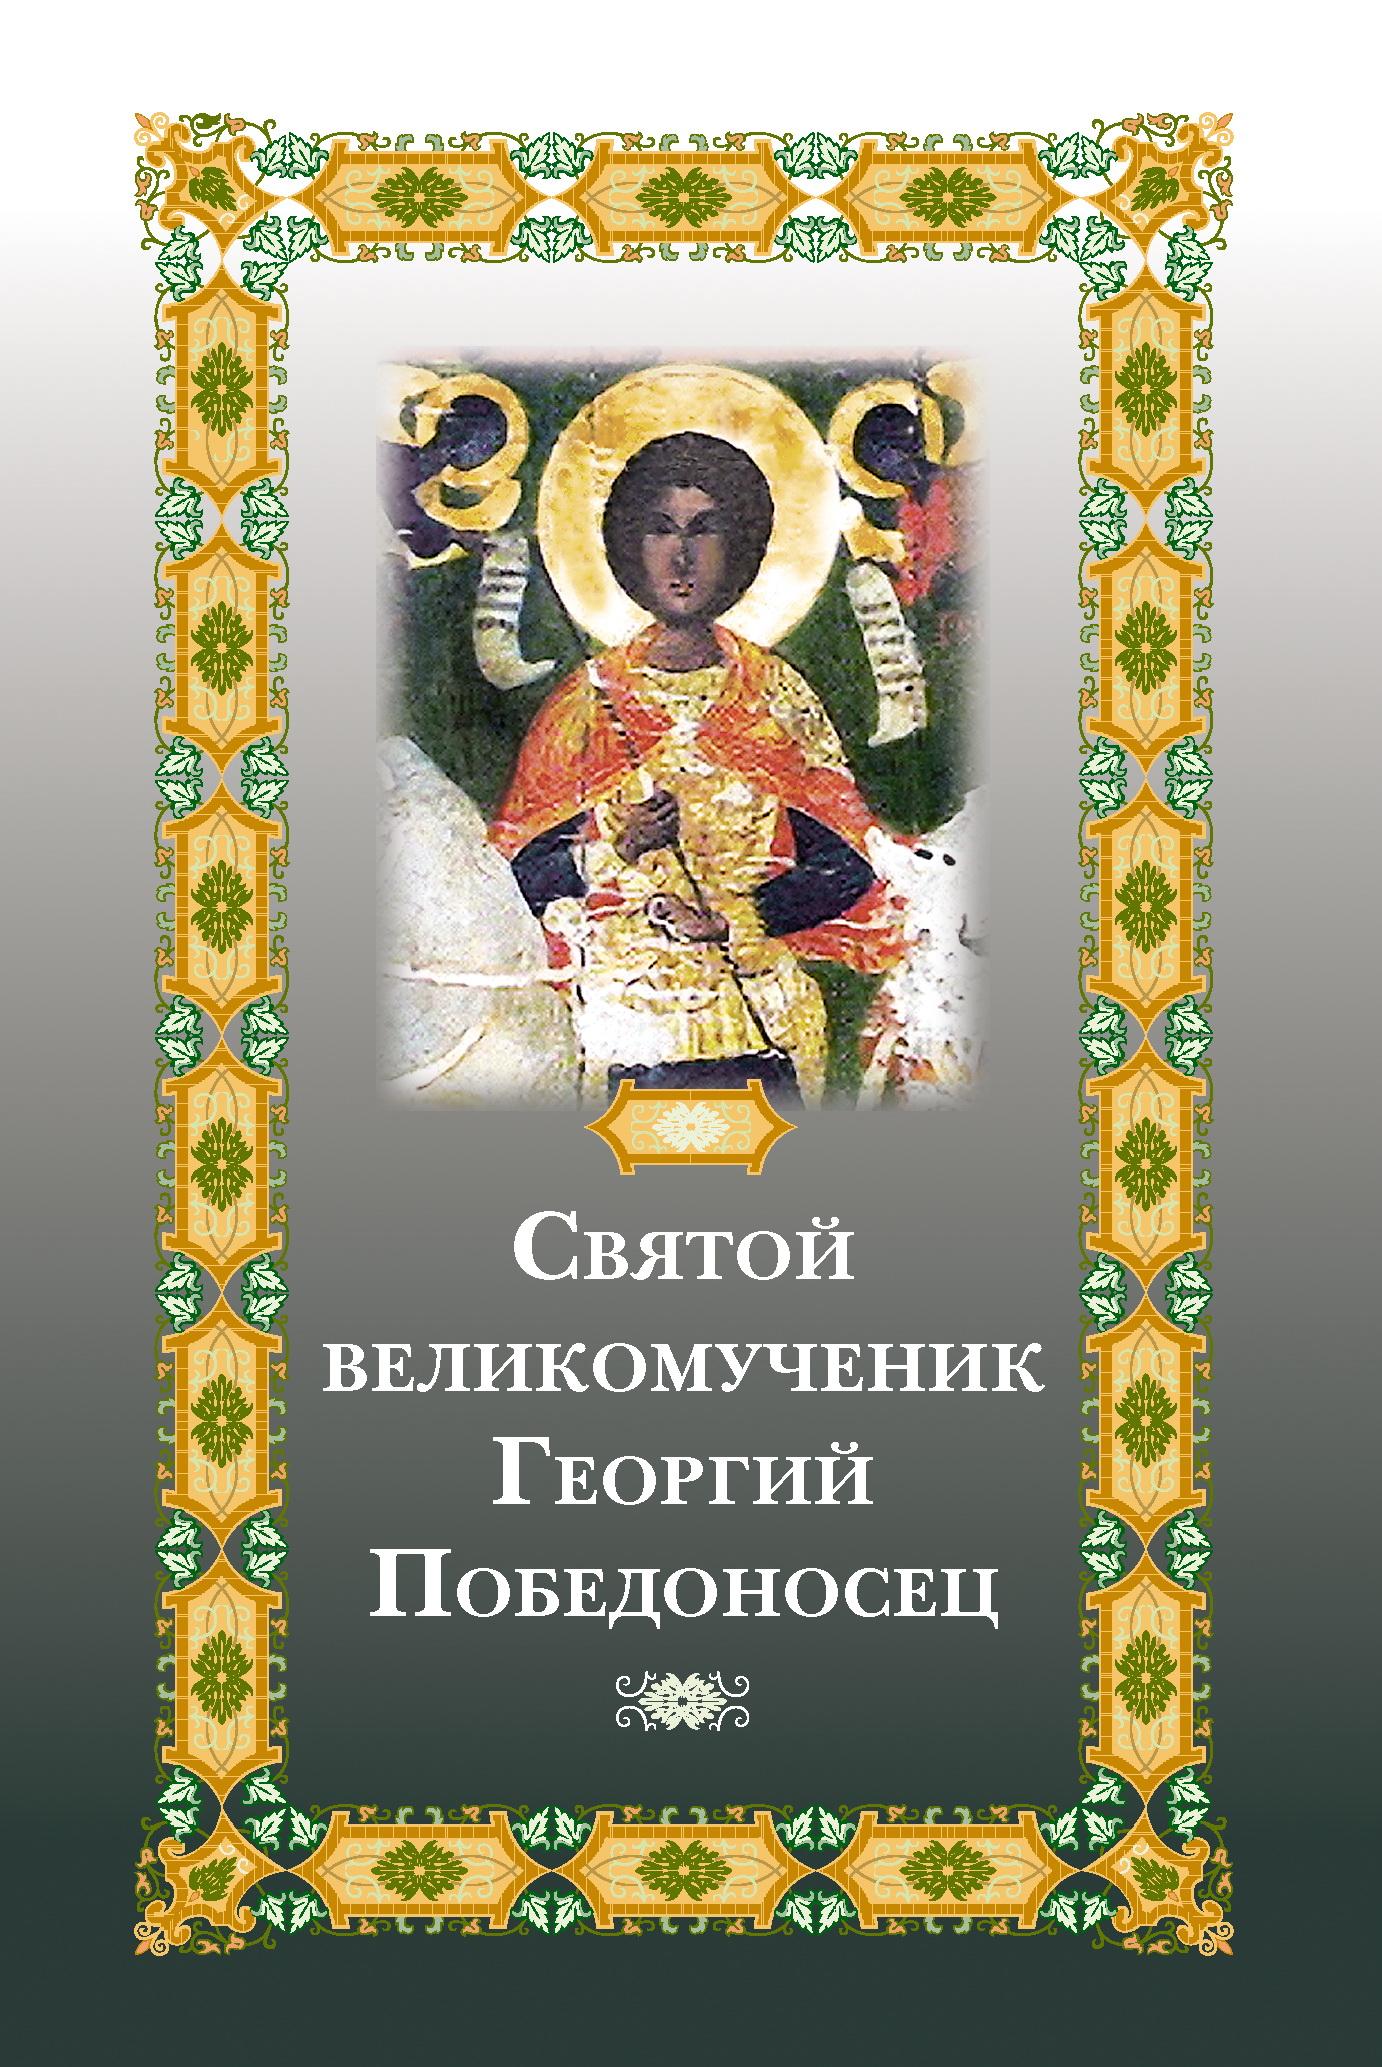 цена на Отсутствует Святой великомученик Георгий Победоносец